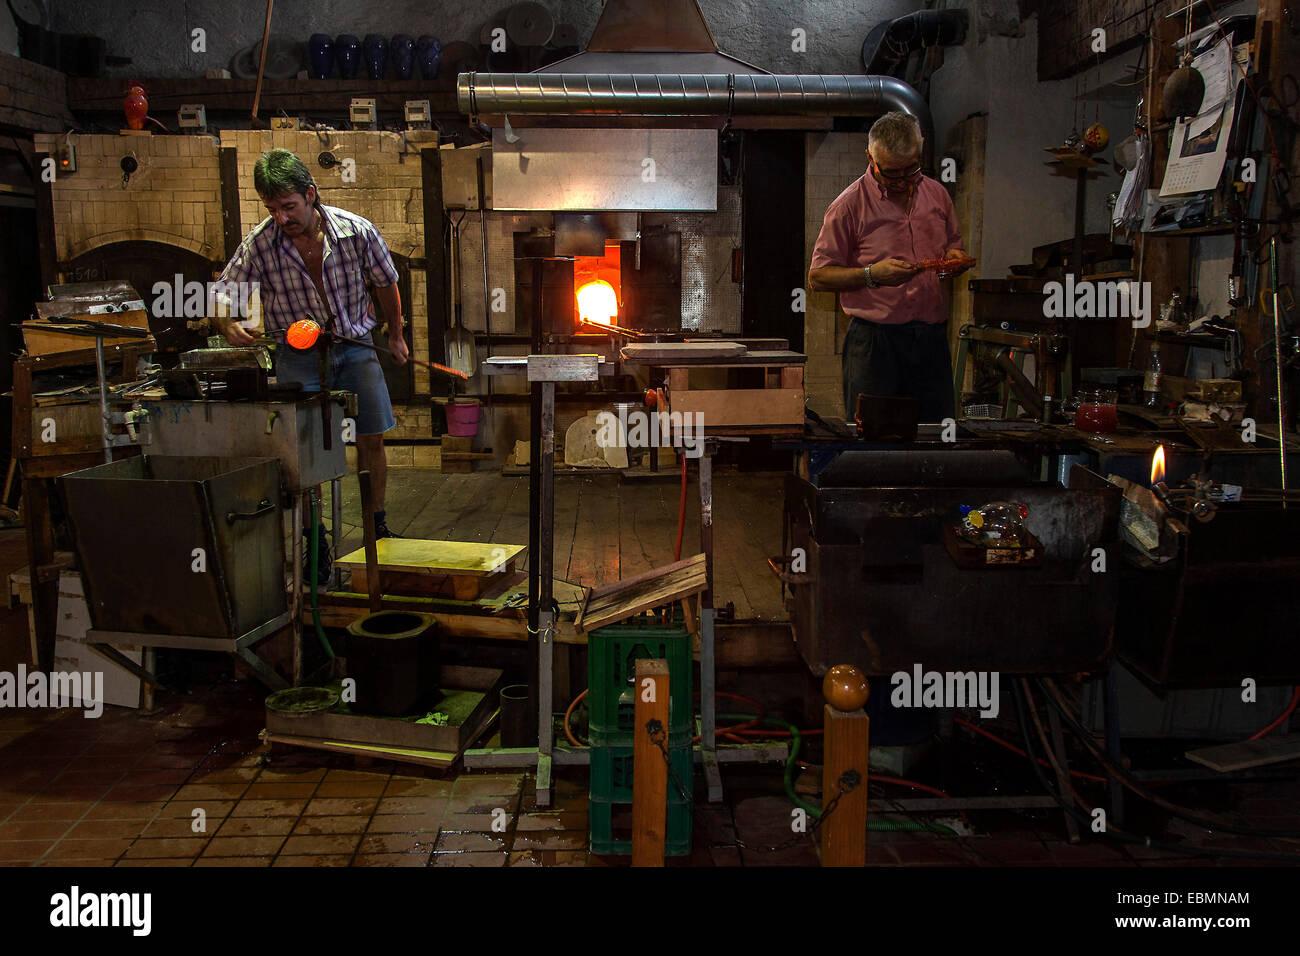 Glassblower, muestran una tienda de vidrio soplado de vidrio, en Bodenmais, Baviera, Alemania Imagen De Stock